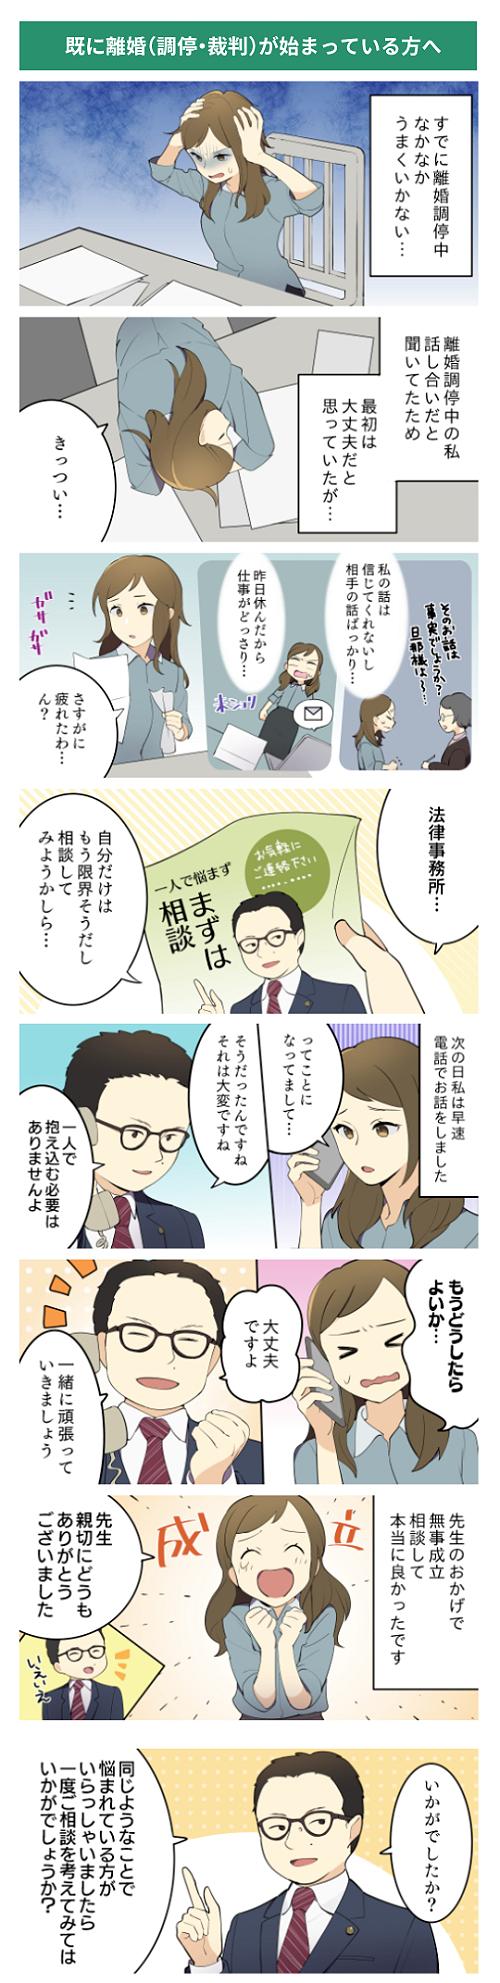 縦読み漫画 『この離婚が、新しい人生のスタートになるために』掲載サンプル4